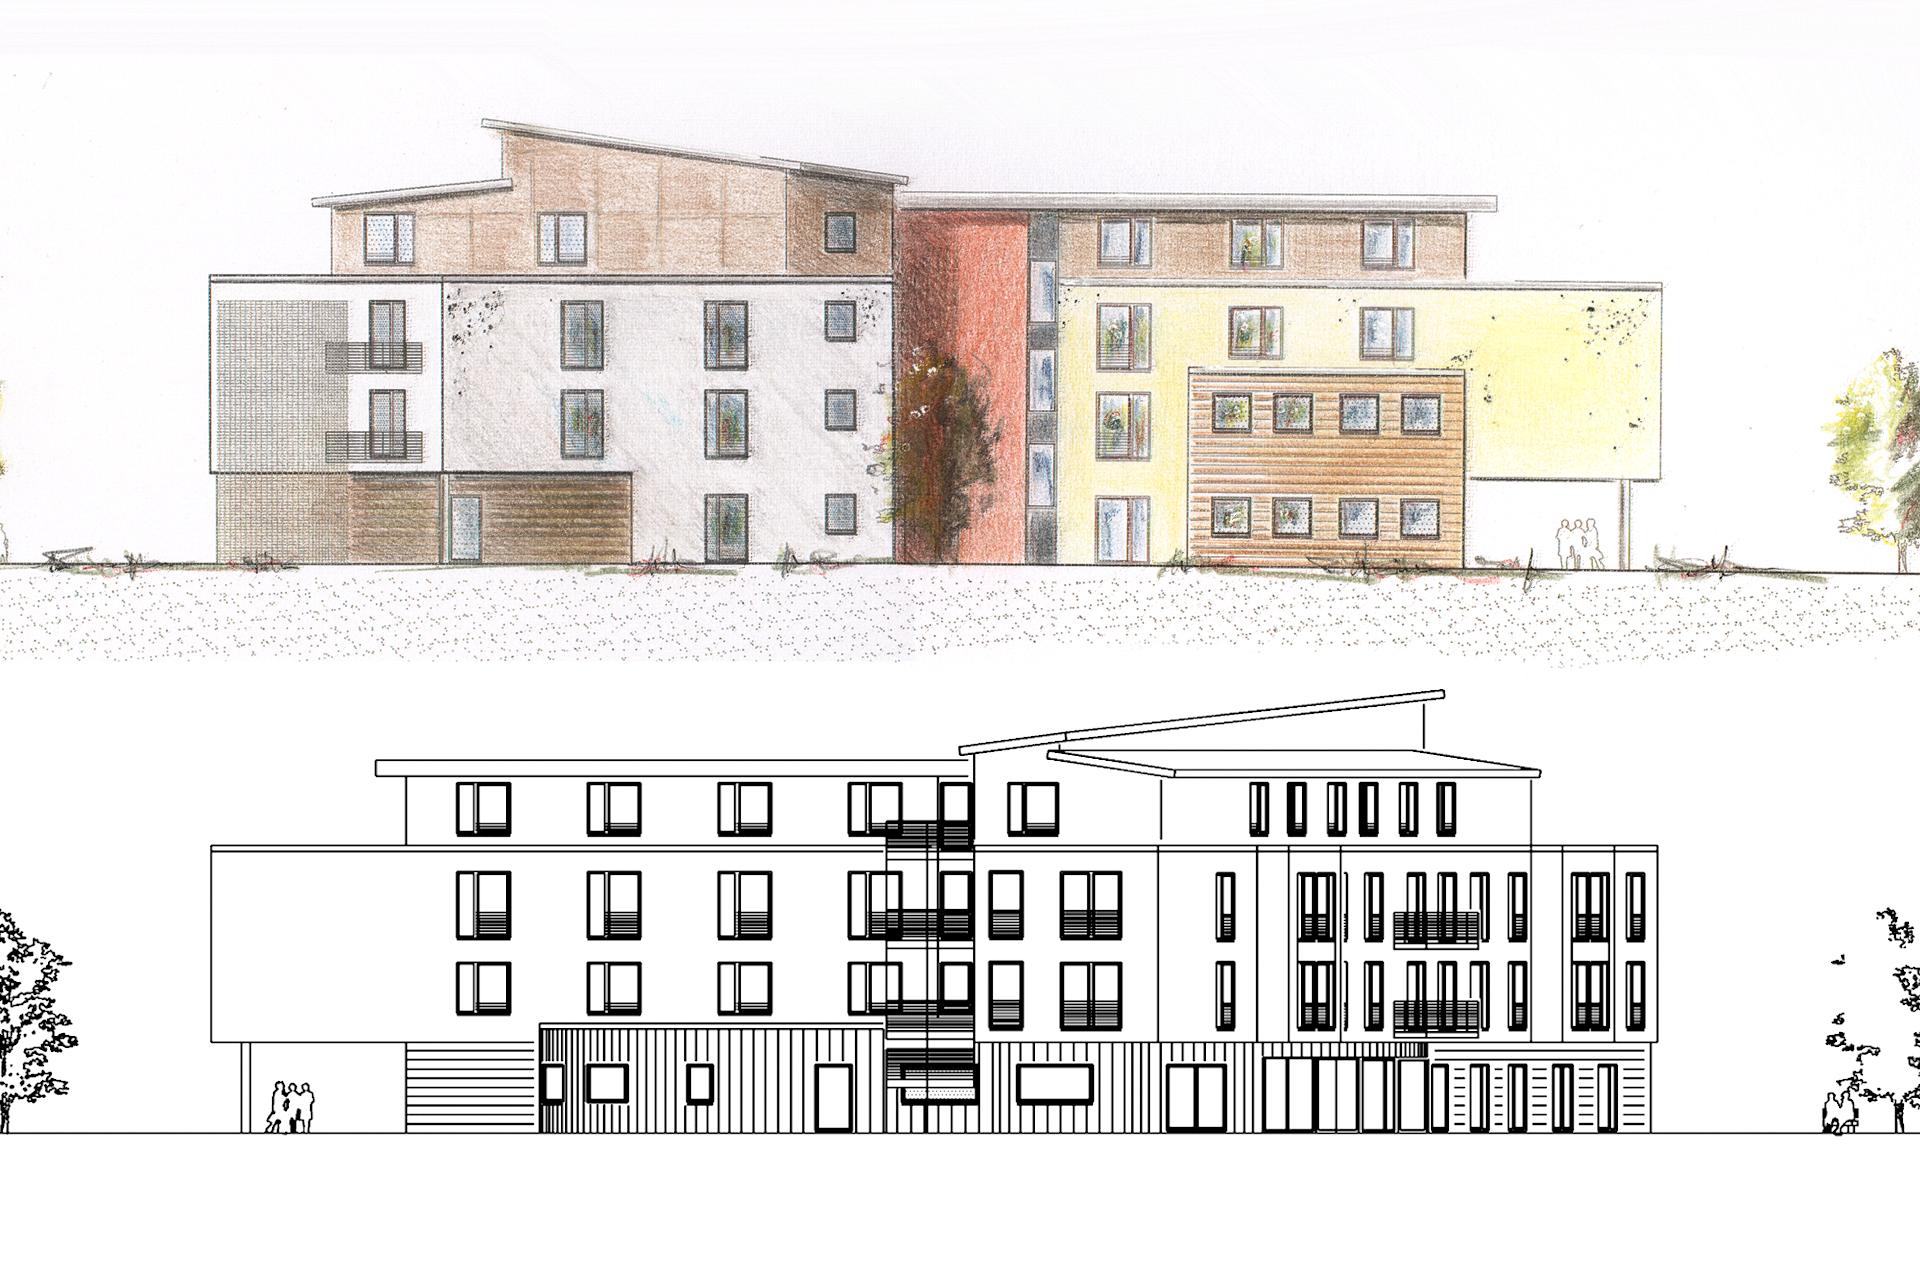 KUE (Sozial- und Sonderbauten + Wettbewerbe und Entwürfe) Erweiterung / Neubau eines Altenpflegeheims